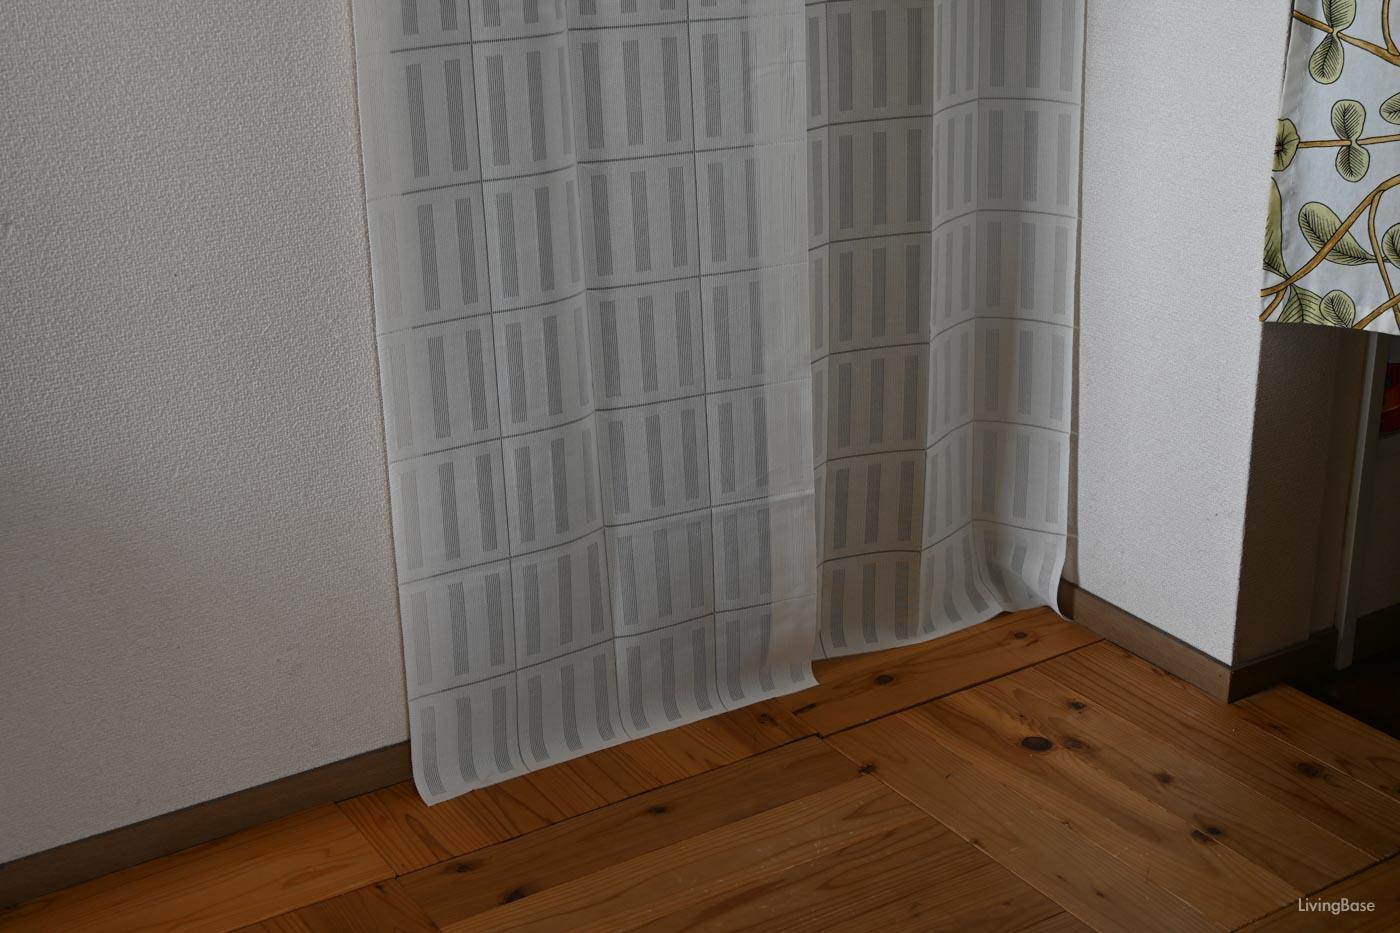 玄関に断熱カーテンを付けよう!寒さ対策に効果的【賃貸にも】